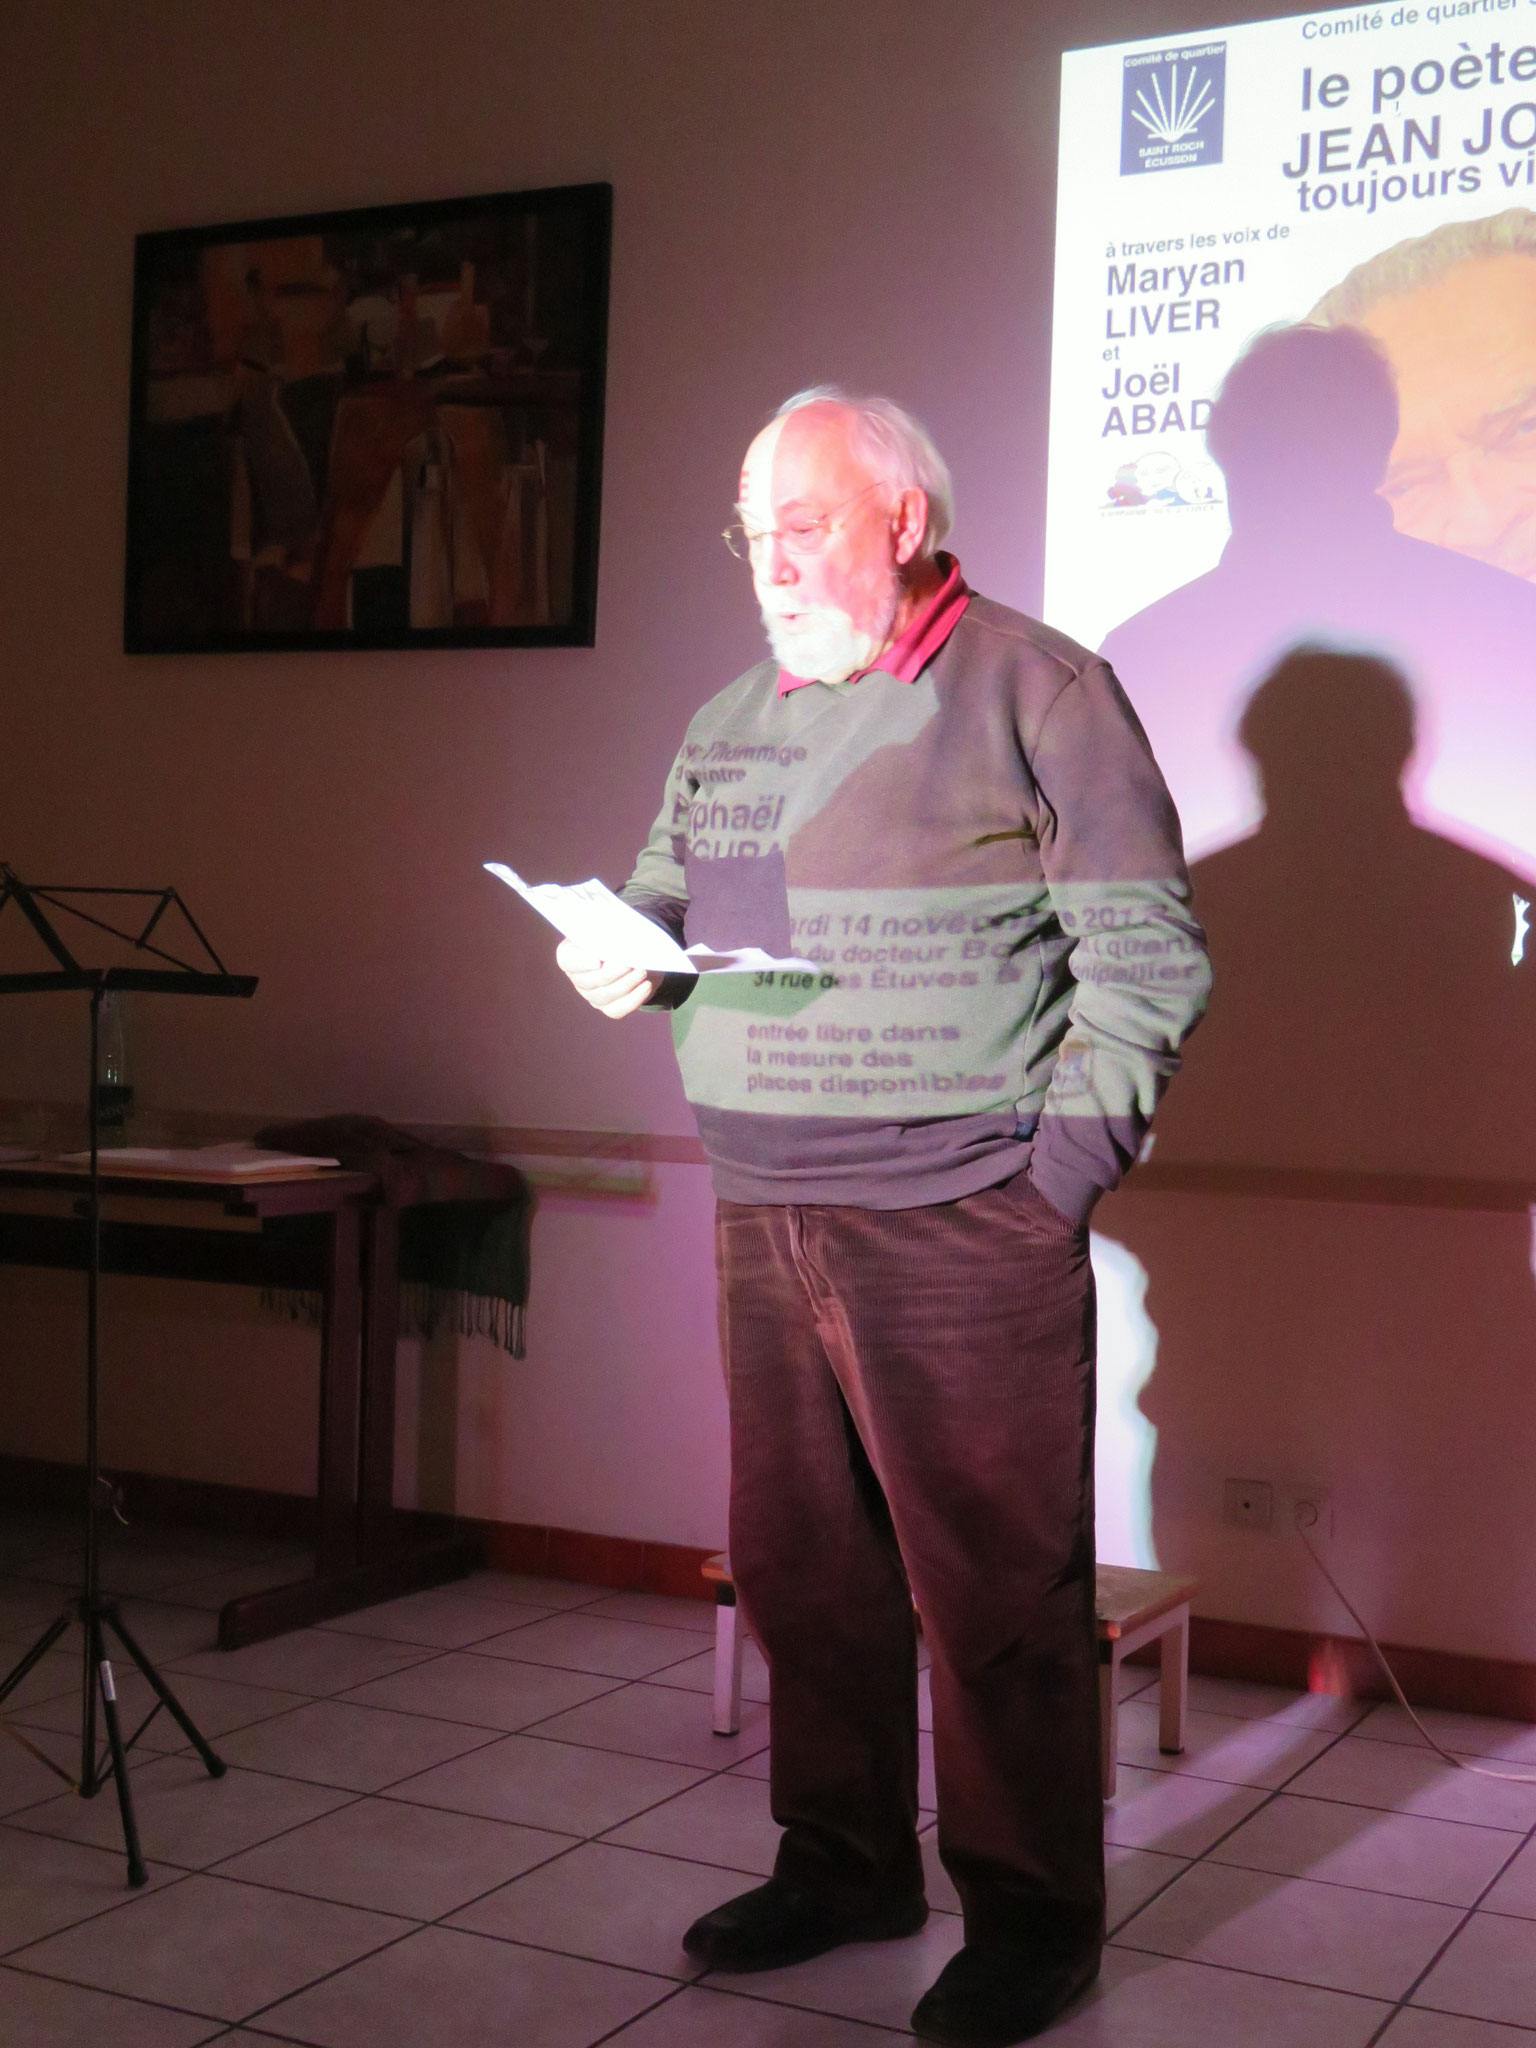 René Escudié - Comité de quartier st Roch-Ecusson - soirée Jean Joubert - 14 11 2017- photo D. Ferré